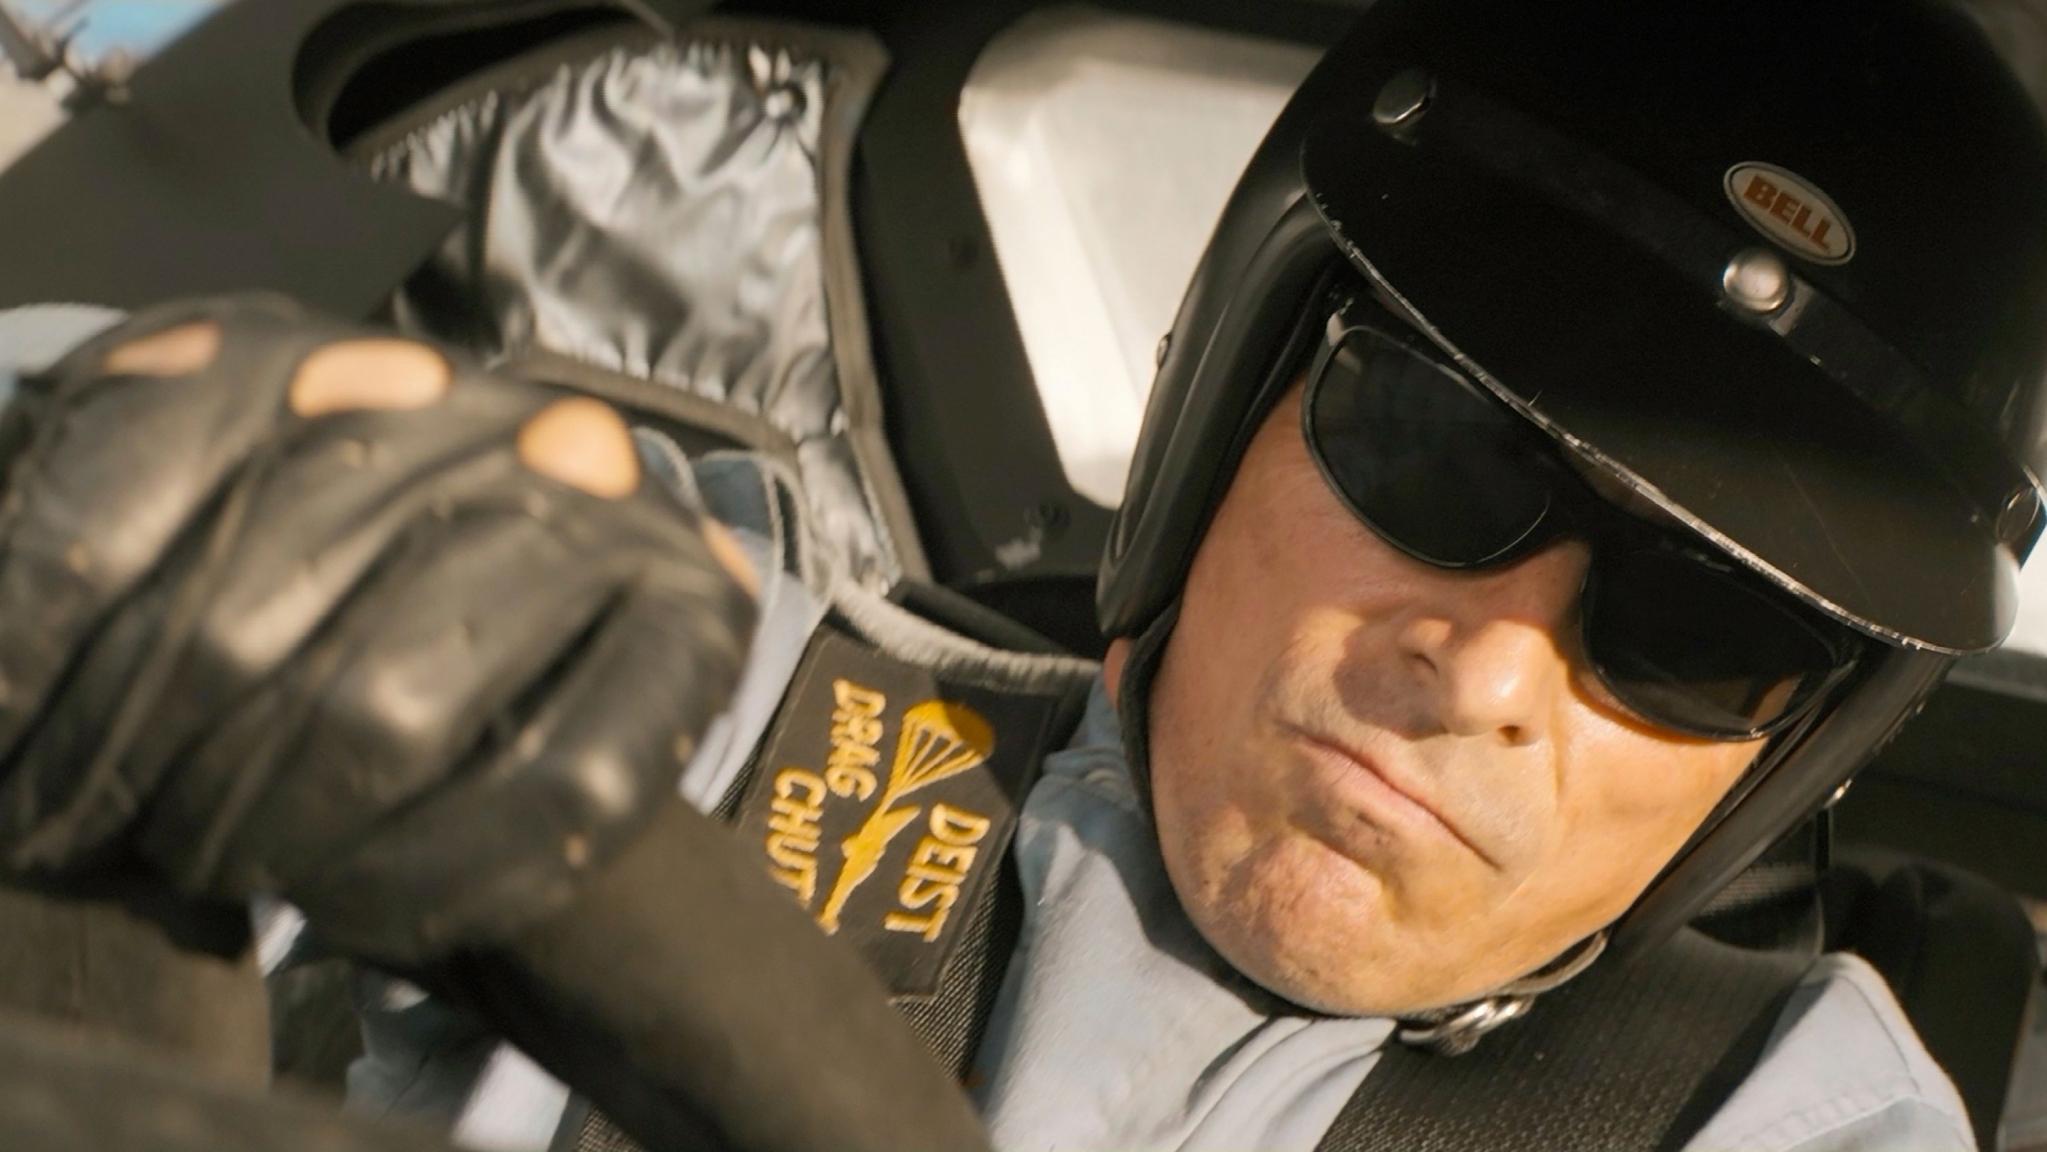 Christian Bale-Matt Damon's 'Ford v Ferrari' is a High-Octane Ride